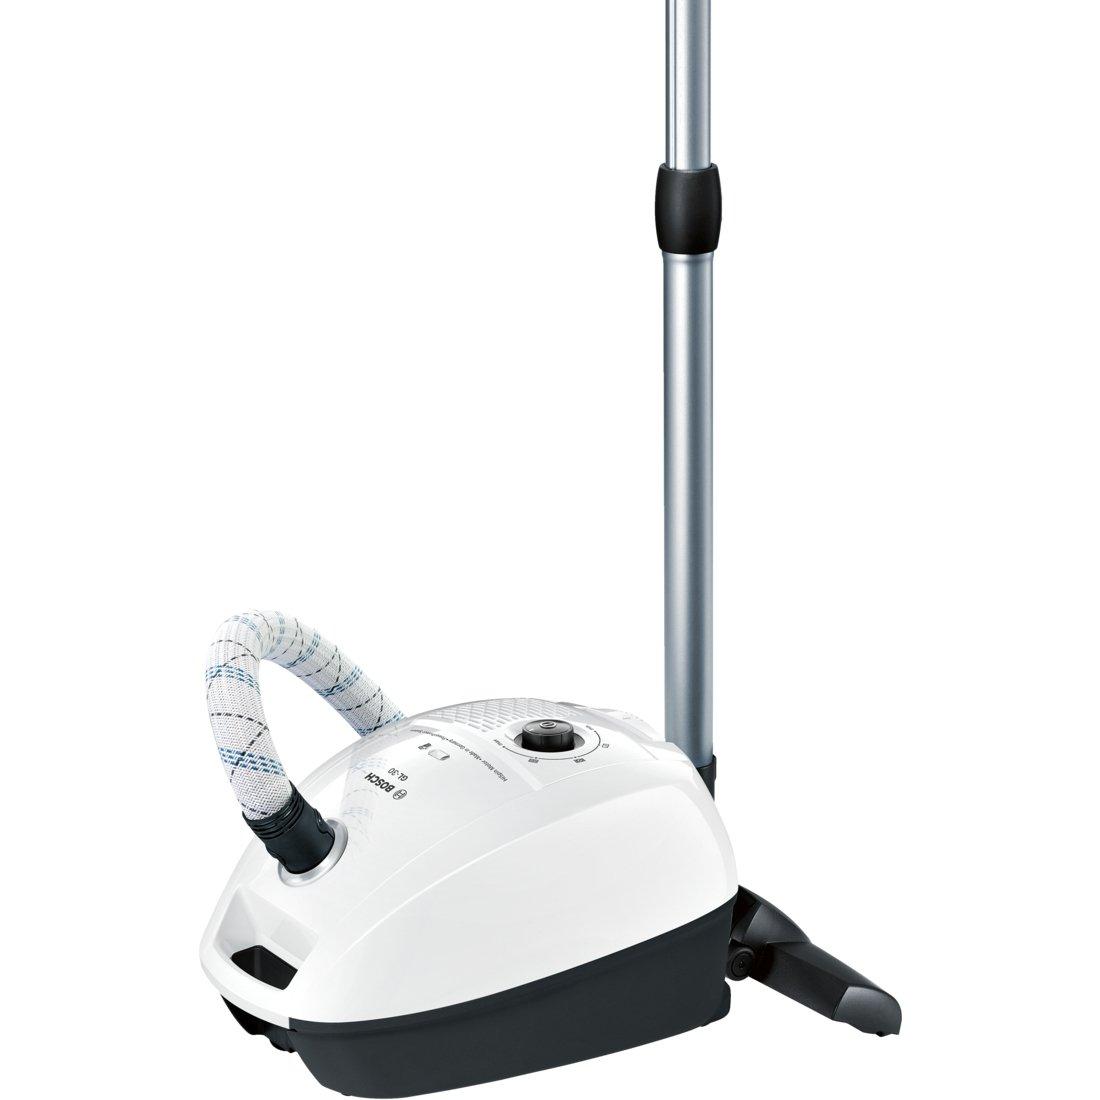 Bosch Bgl3A209 Aspirapolvere a Carrello con Sacco, 600 W, 3 Litri, 79 Decibel, Bianco/Nero product image